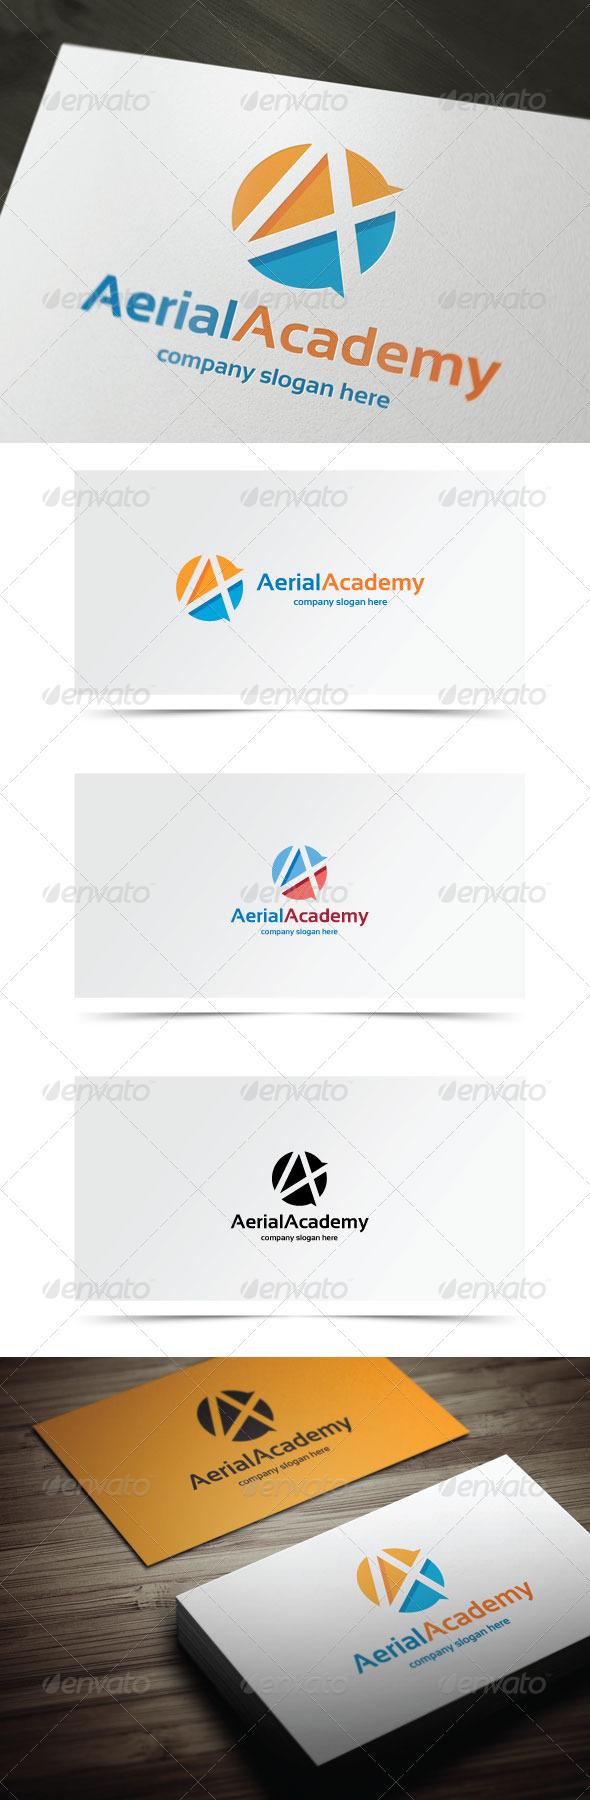 GraphicRiver Aerial Academy 7841922